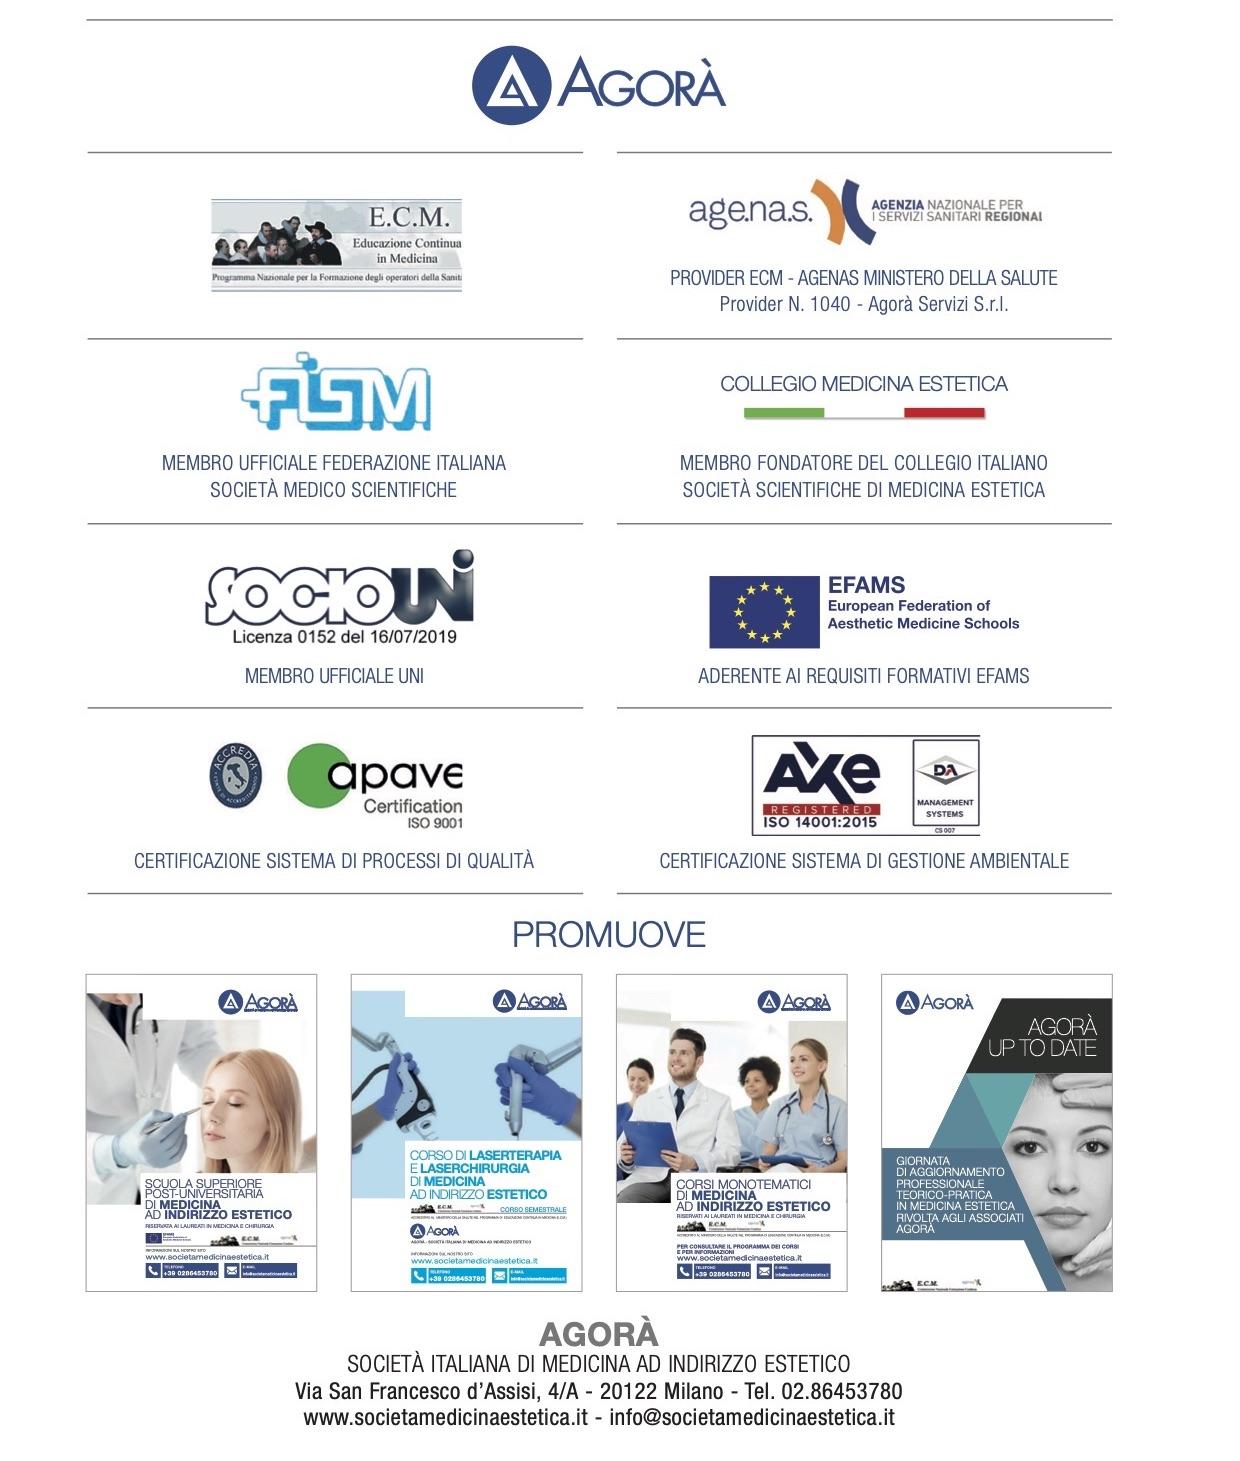 agora 2020 associations